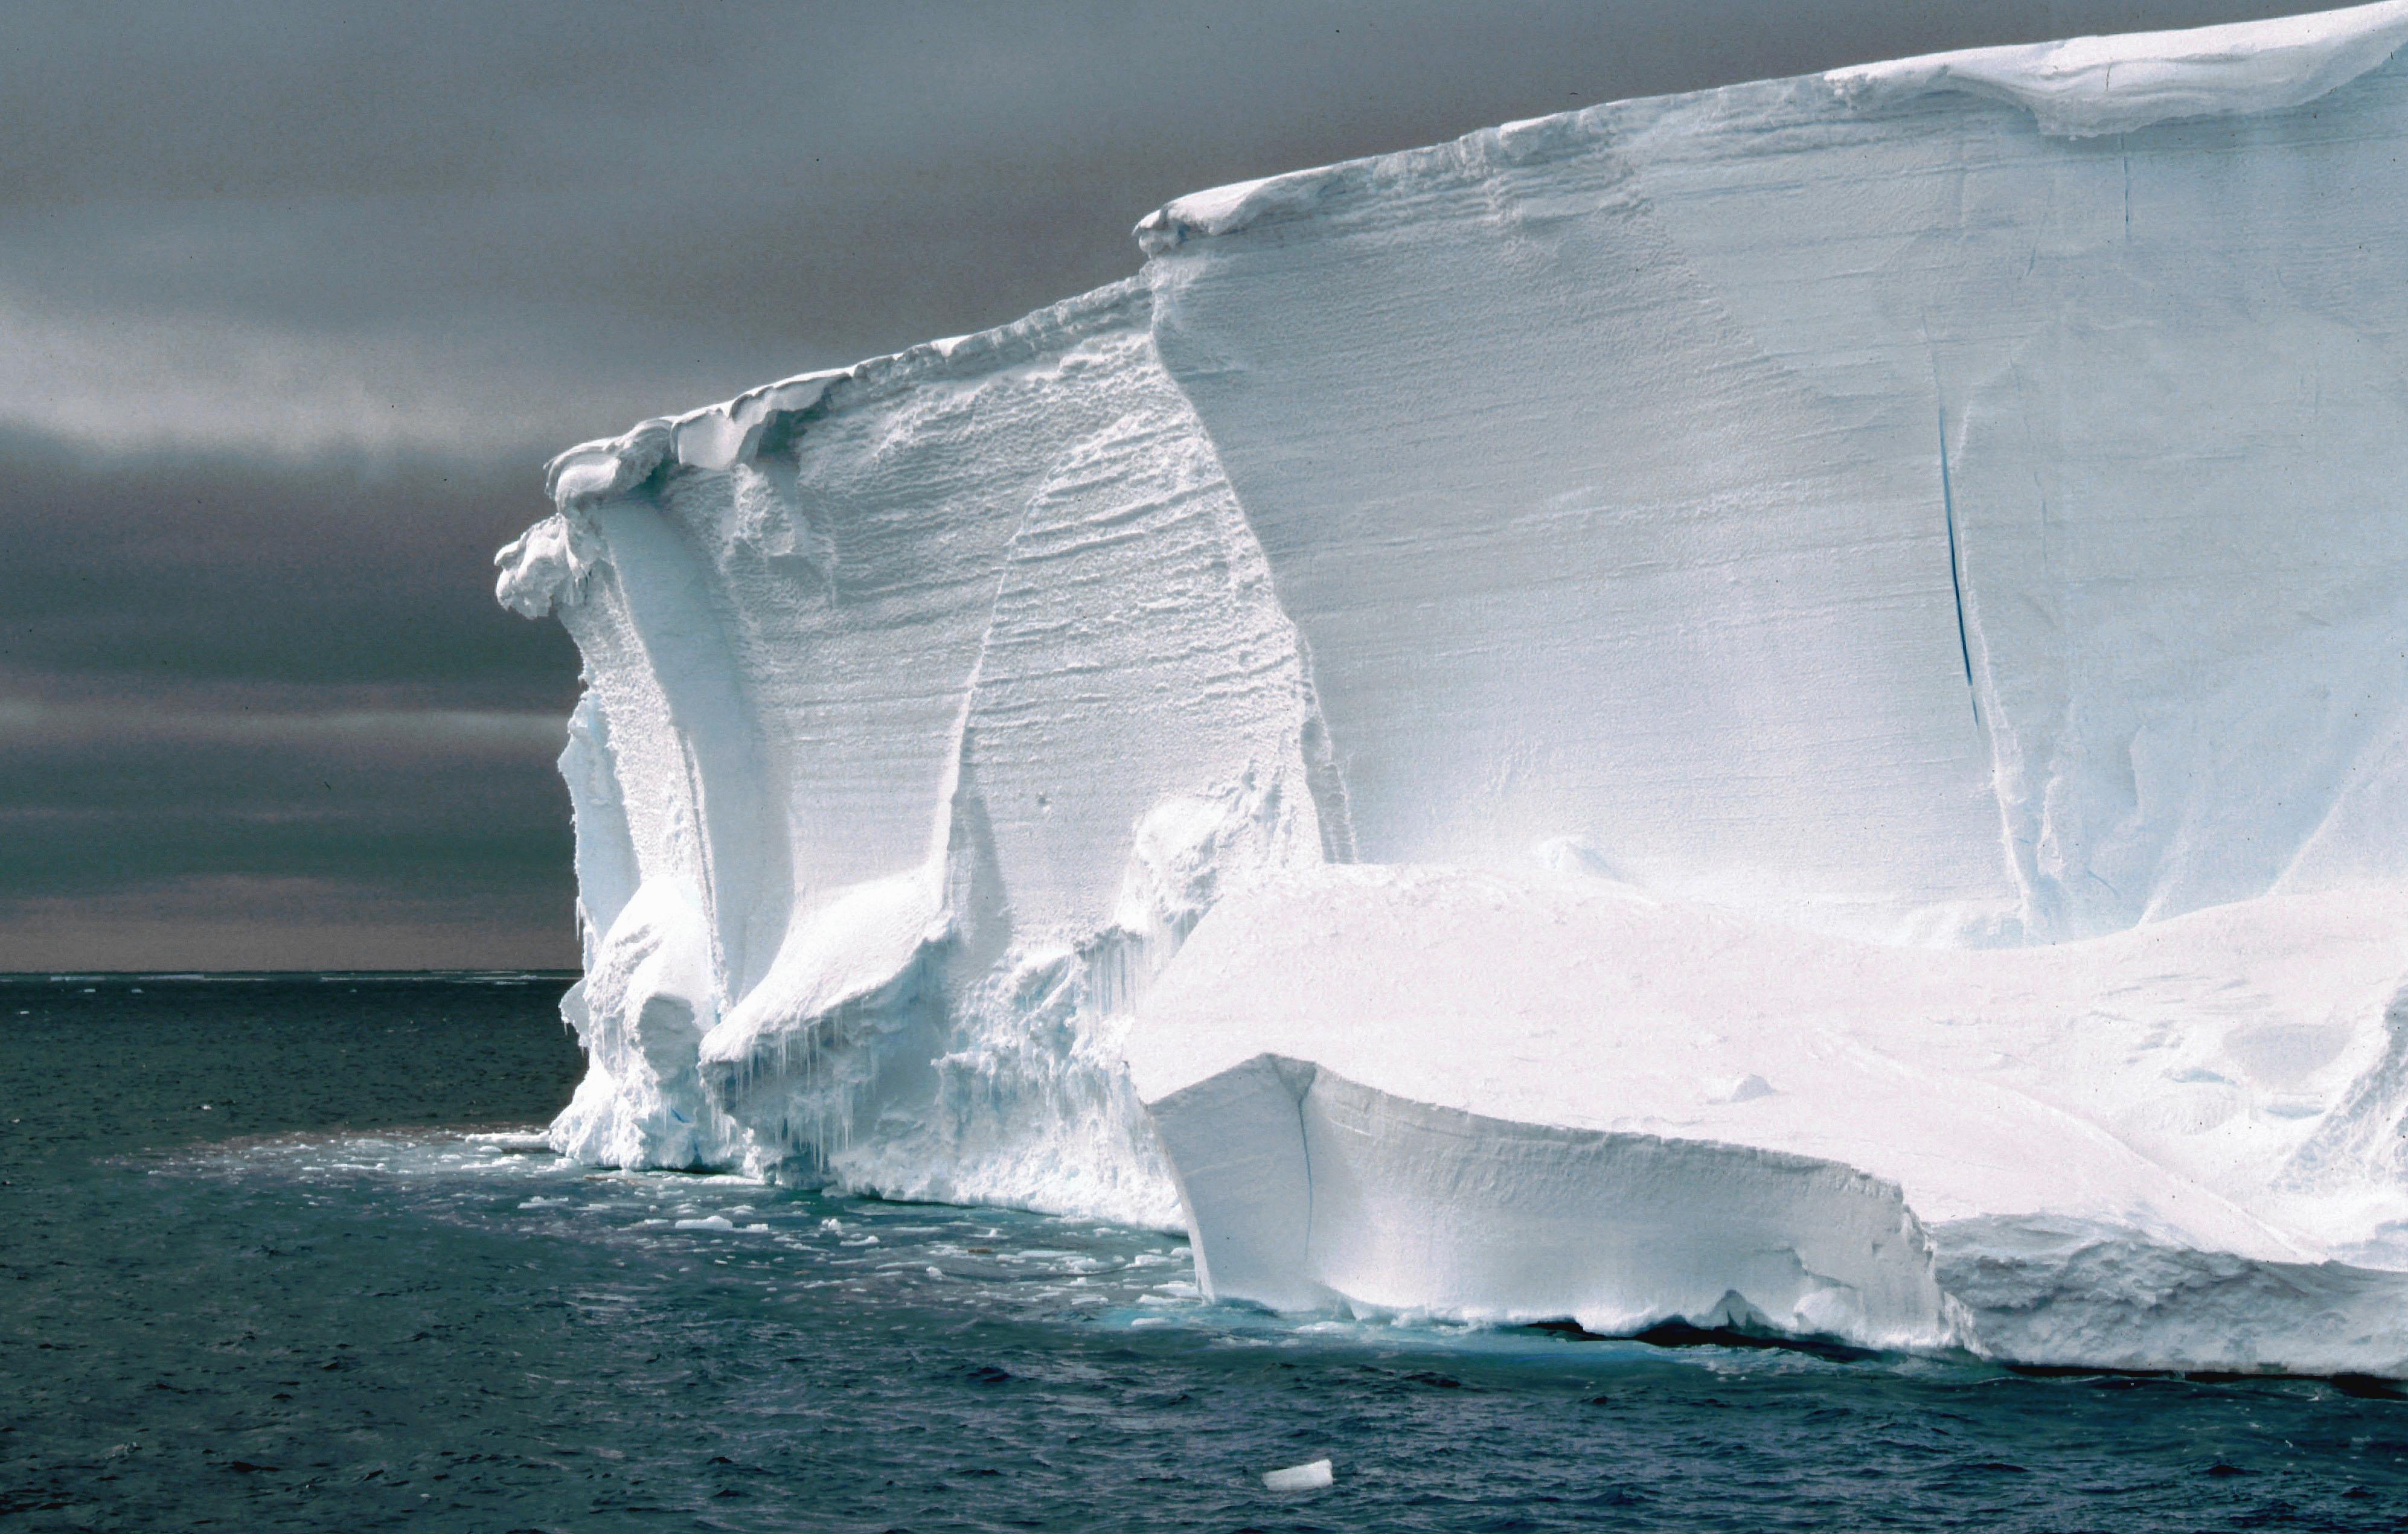 Edge of an ice shelf close to the Halley Station, Antarctica. Photo: Ralph Timmermann, Alfred Wegener Institute Schelfeiskante in der NŠhe der Halley-Station, Antarktis. Aufnahme von ANT12-3 aus dem Jahr 1995. Foto: Ralph Timmermann, Alfred-Wegener-Institut